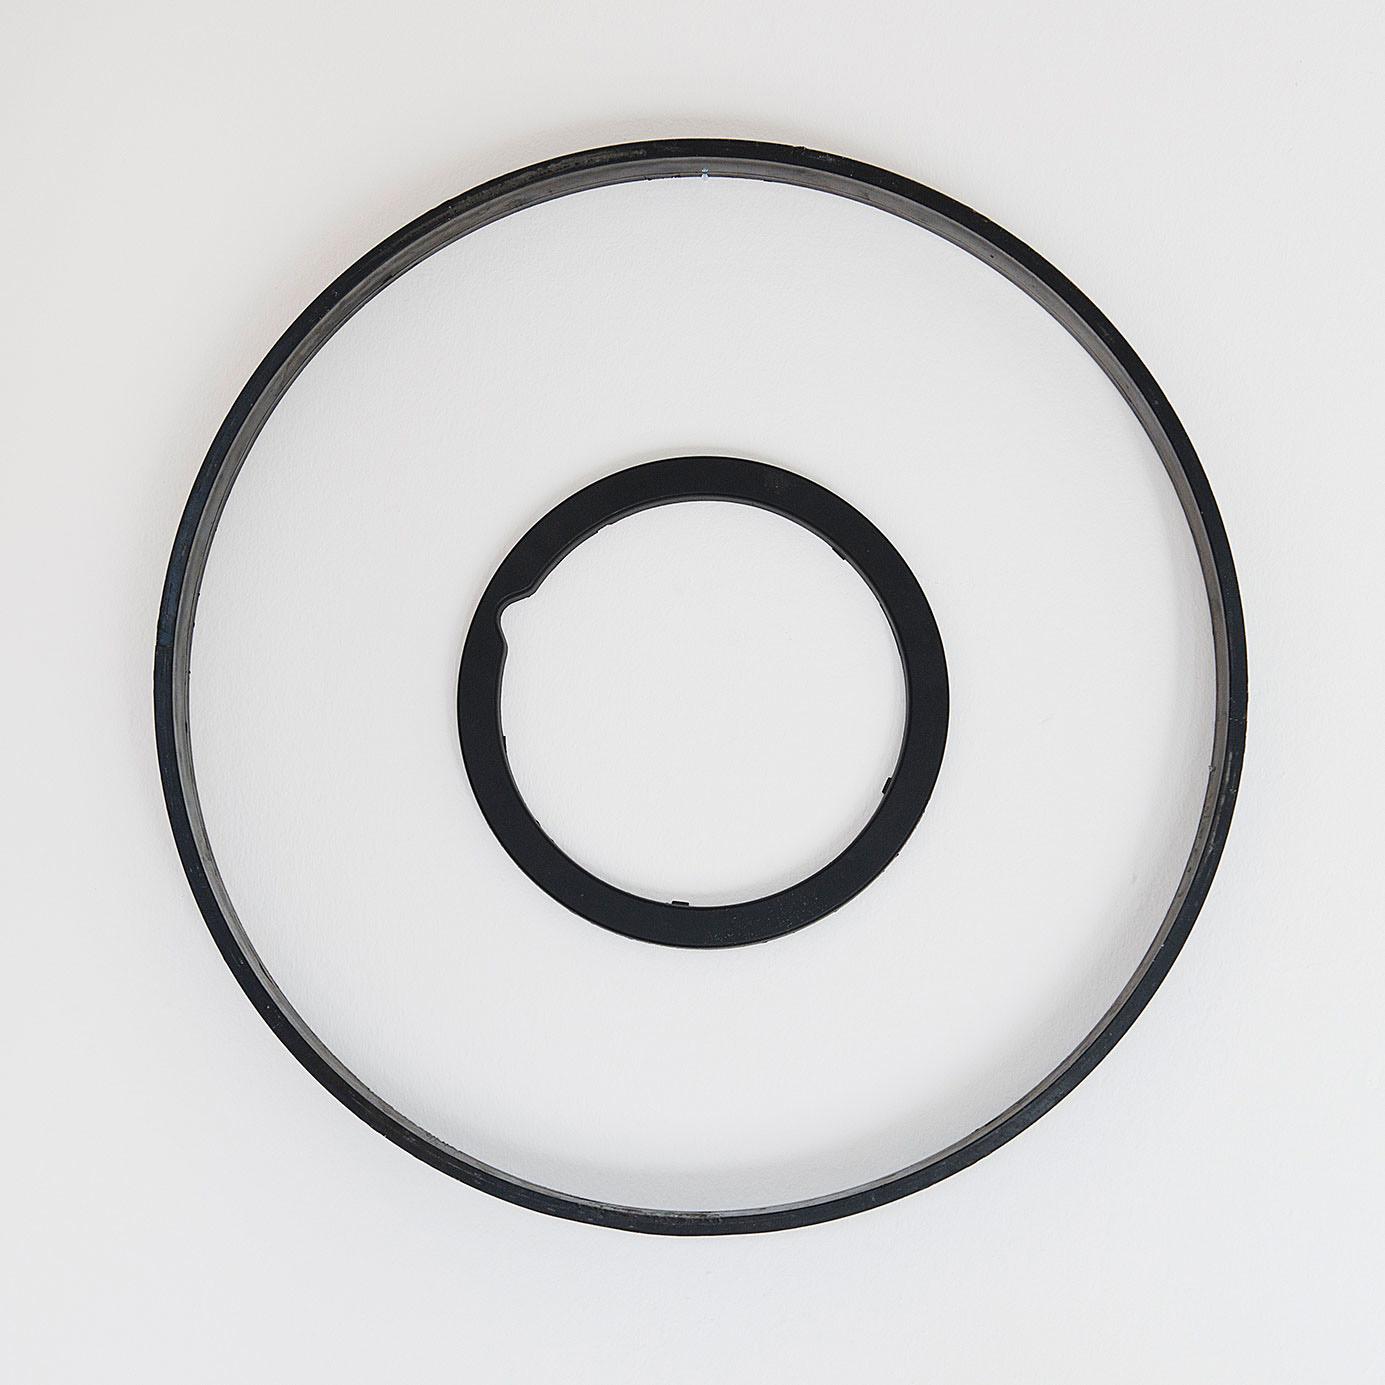 o.T._2016/17 Lack_Kunststoff_53 x 53 cm